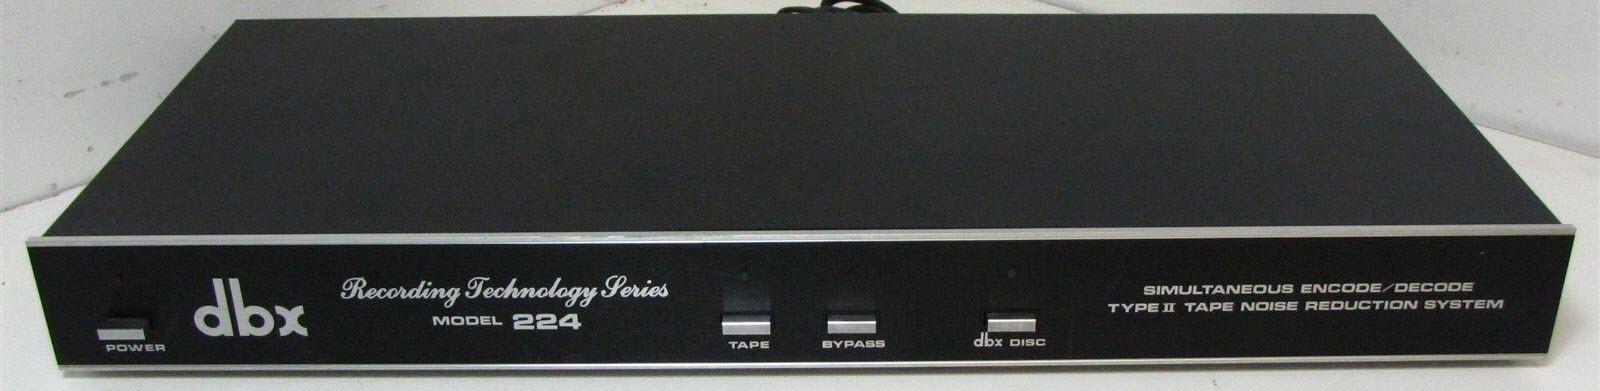 vintage-dbx-type-ii-tape-noise-reduction-system-model-224-encode-decode-works-73af80251b9245c655a940d888b97099.jpg